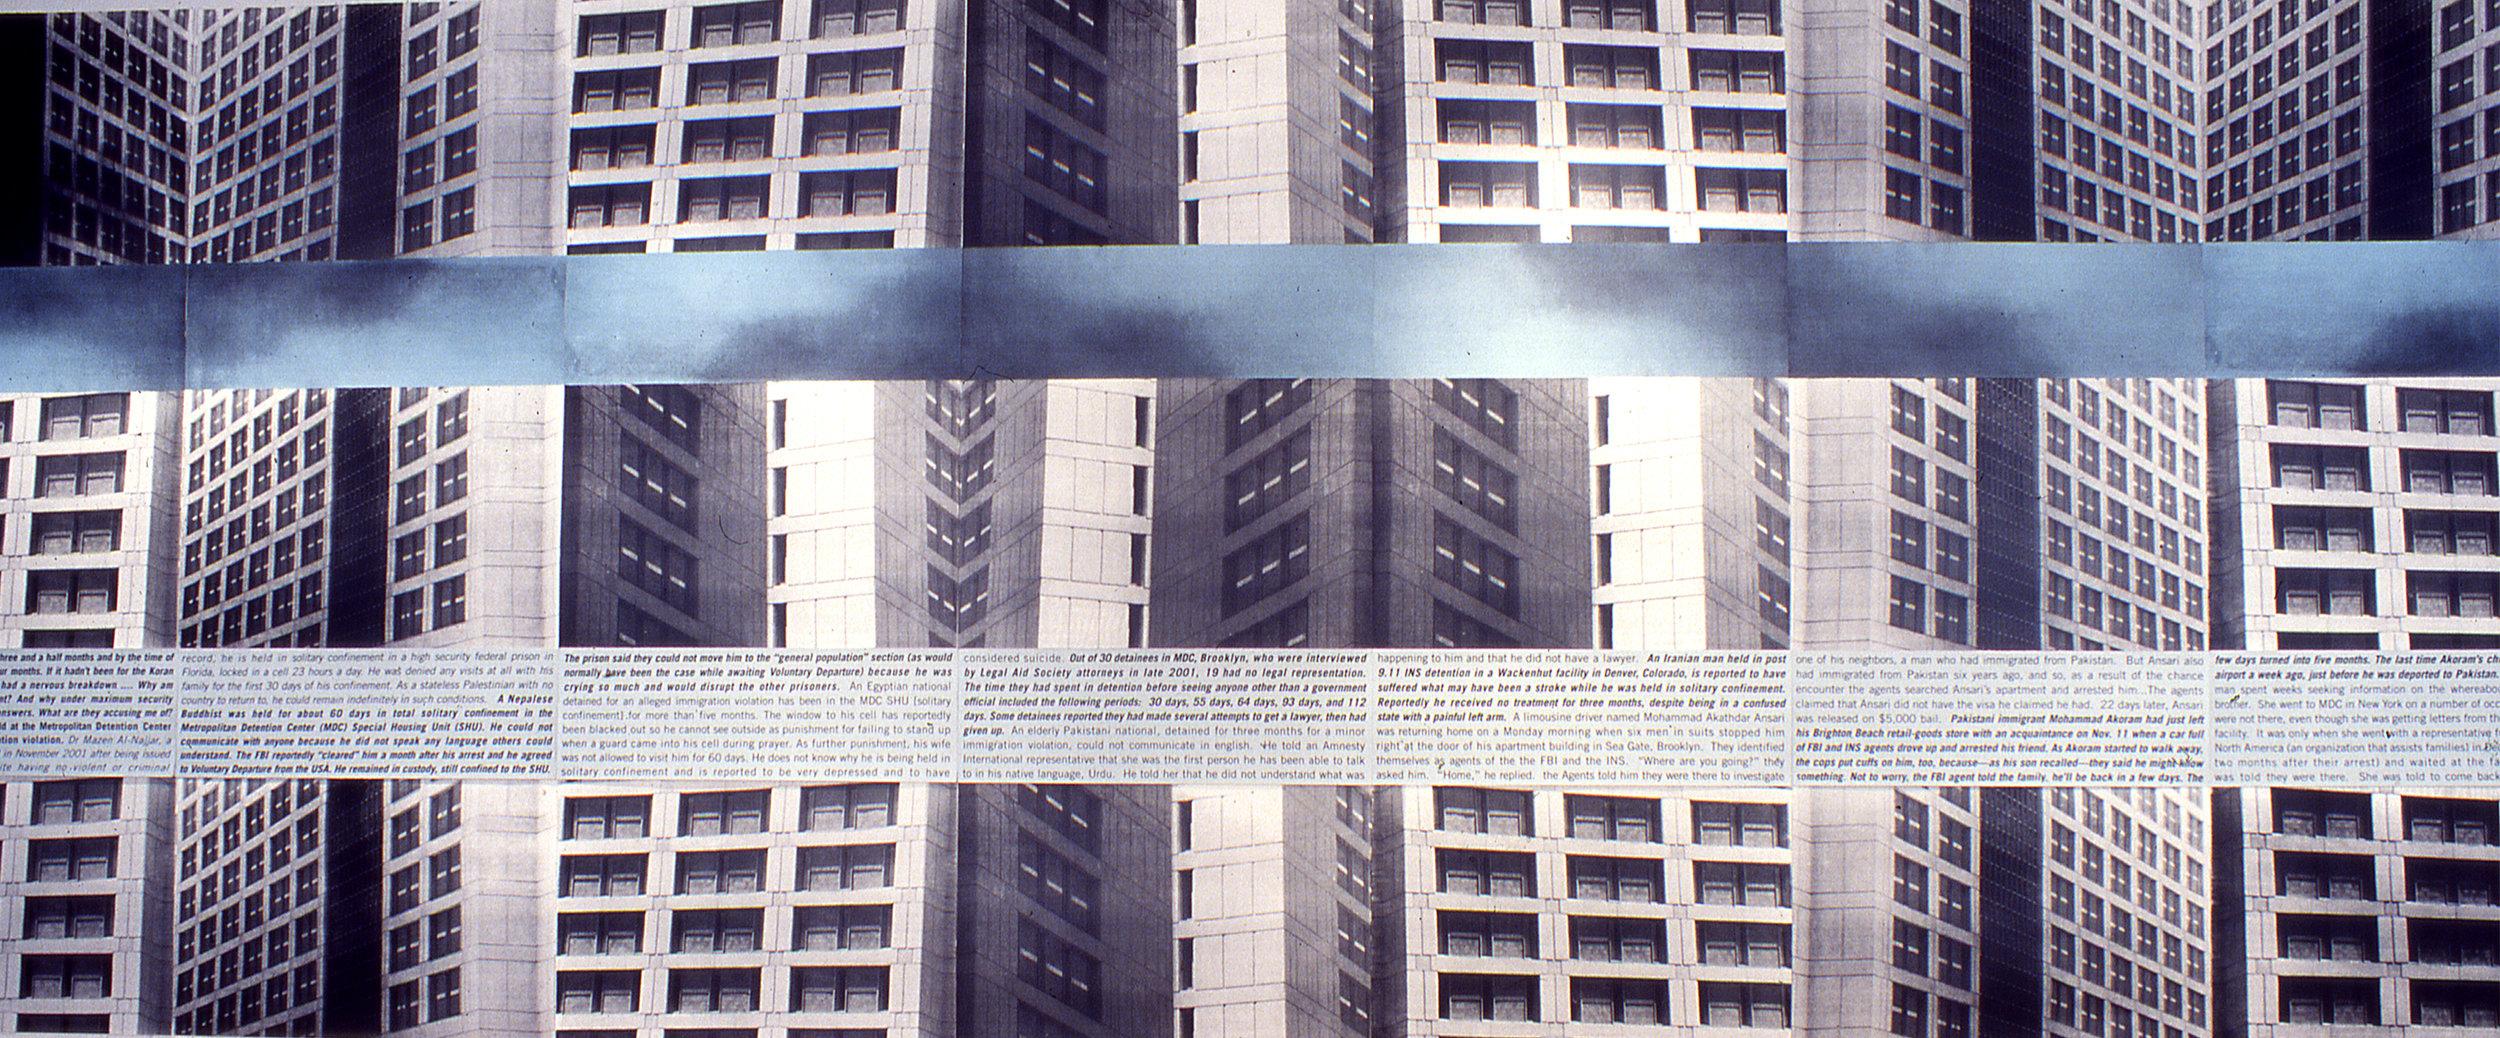 MDC wall crop.jpg